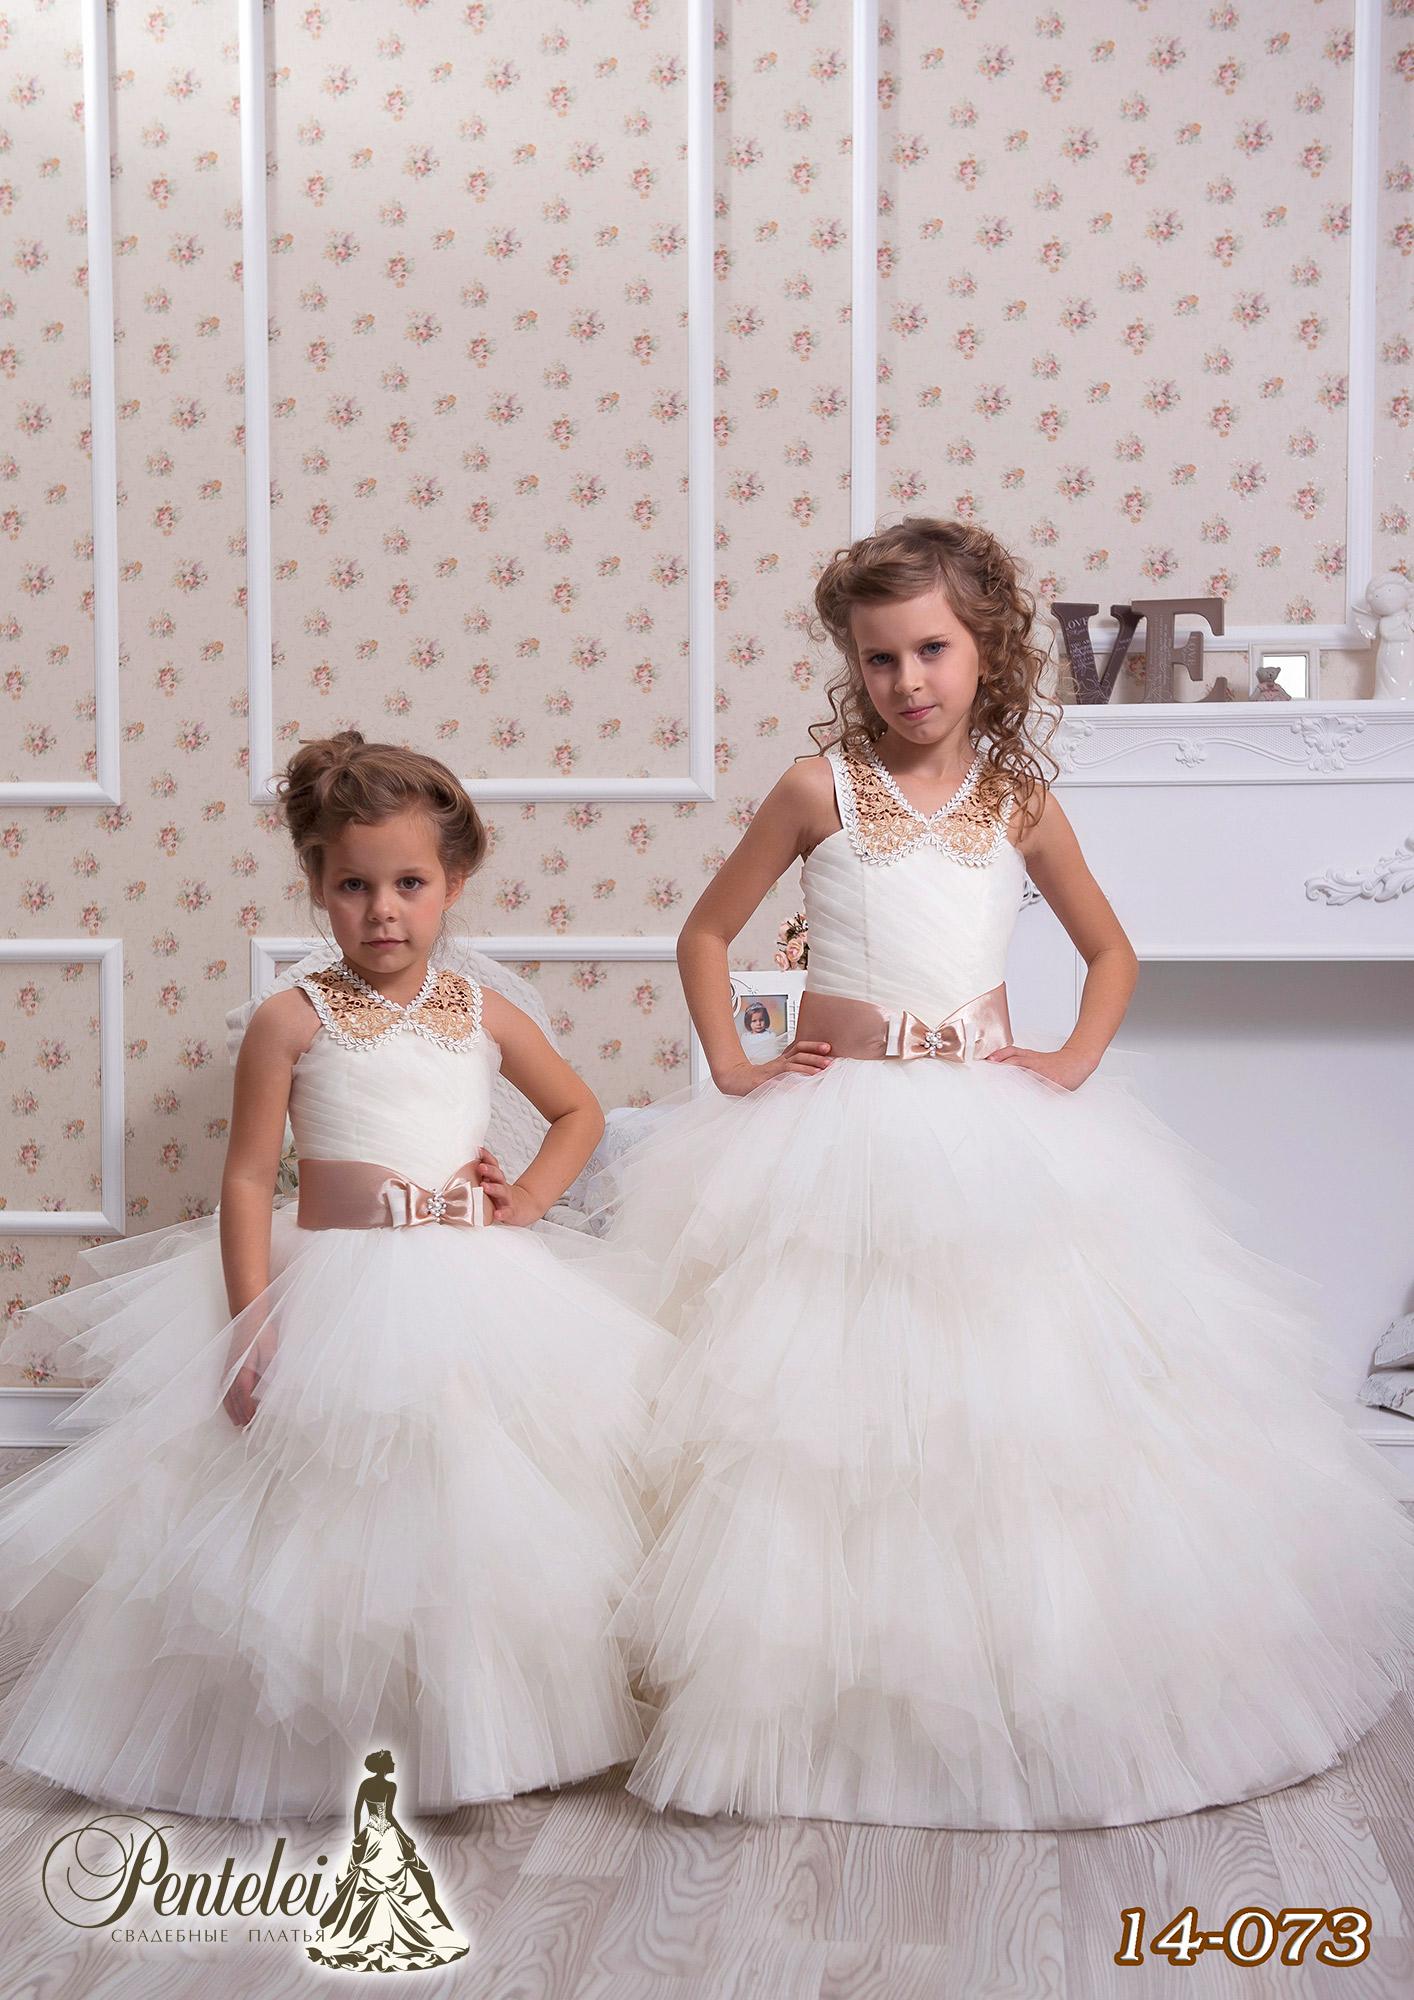 14-073 | Купити дитячі сукні оптом від Pentelei